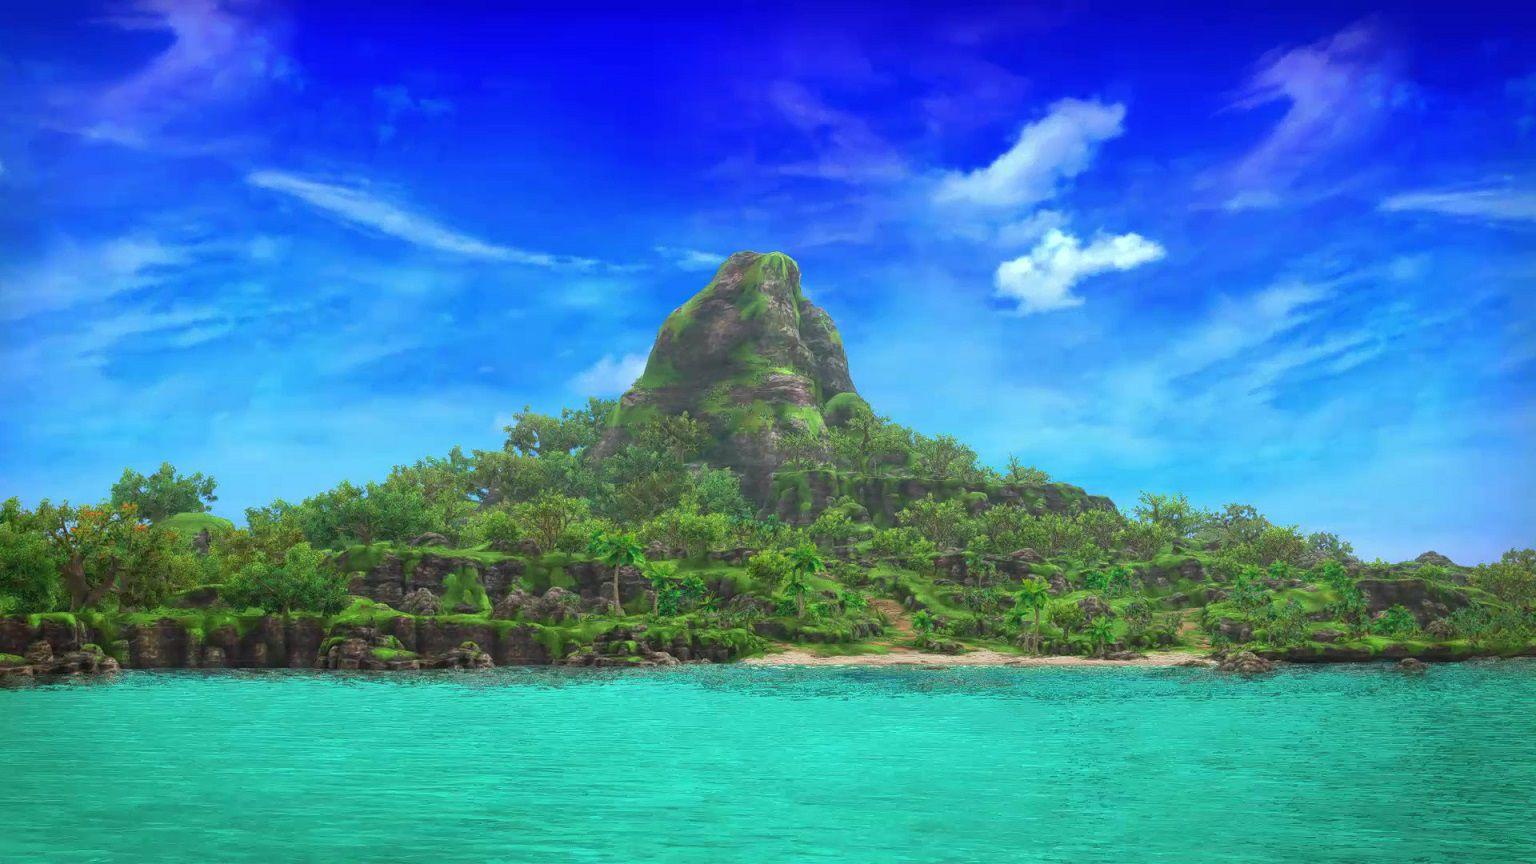 この夏はまだ見ぬ絶景旅へ!沖縄の「伊江島」がおすすめの理由とは